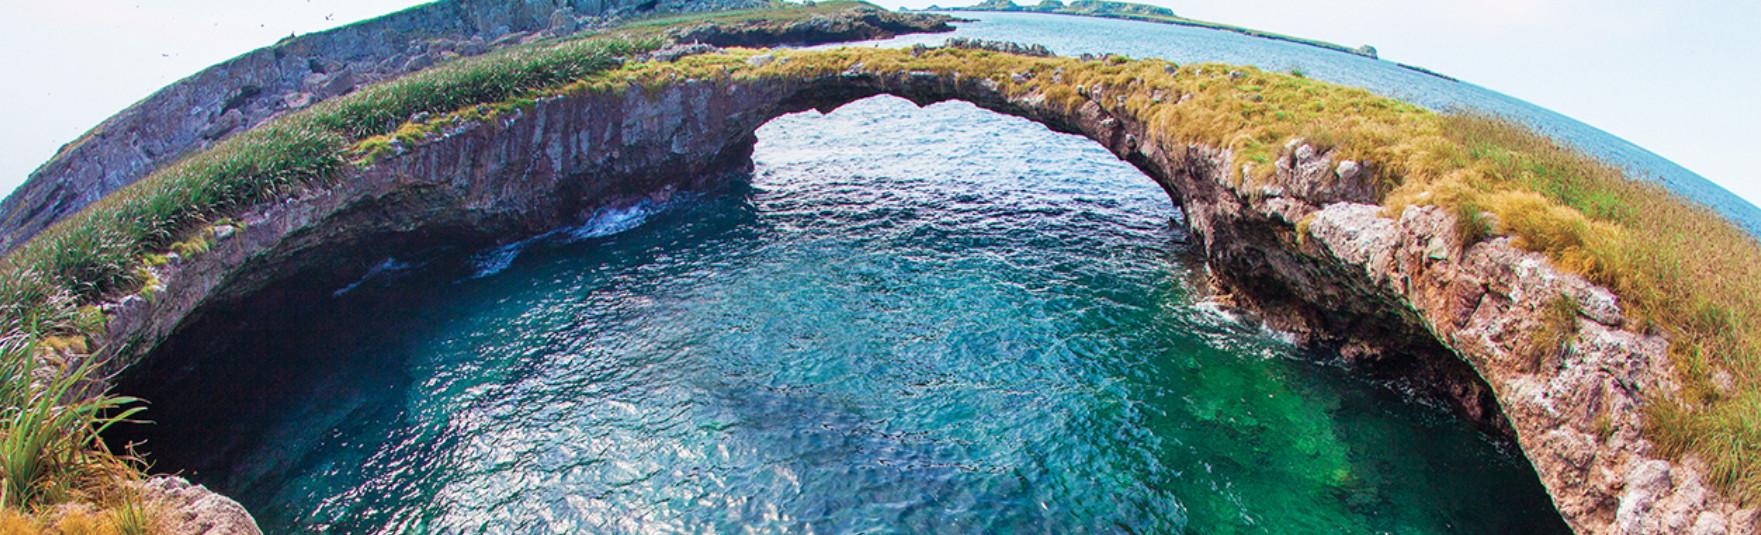 Imagen del tour virtual por el P. N. de Islas Marietas.